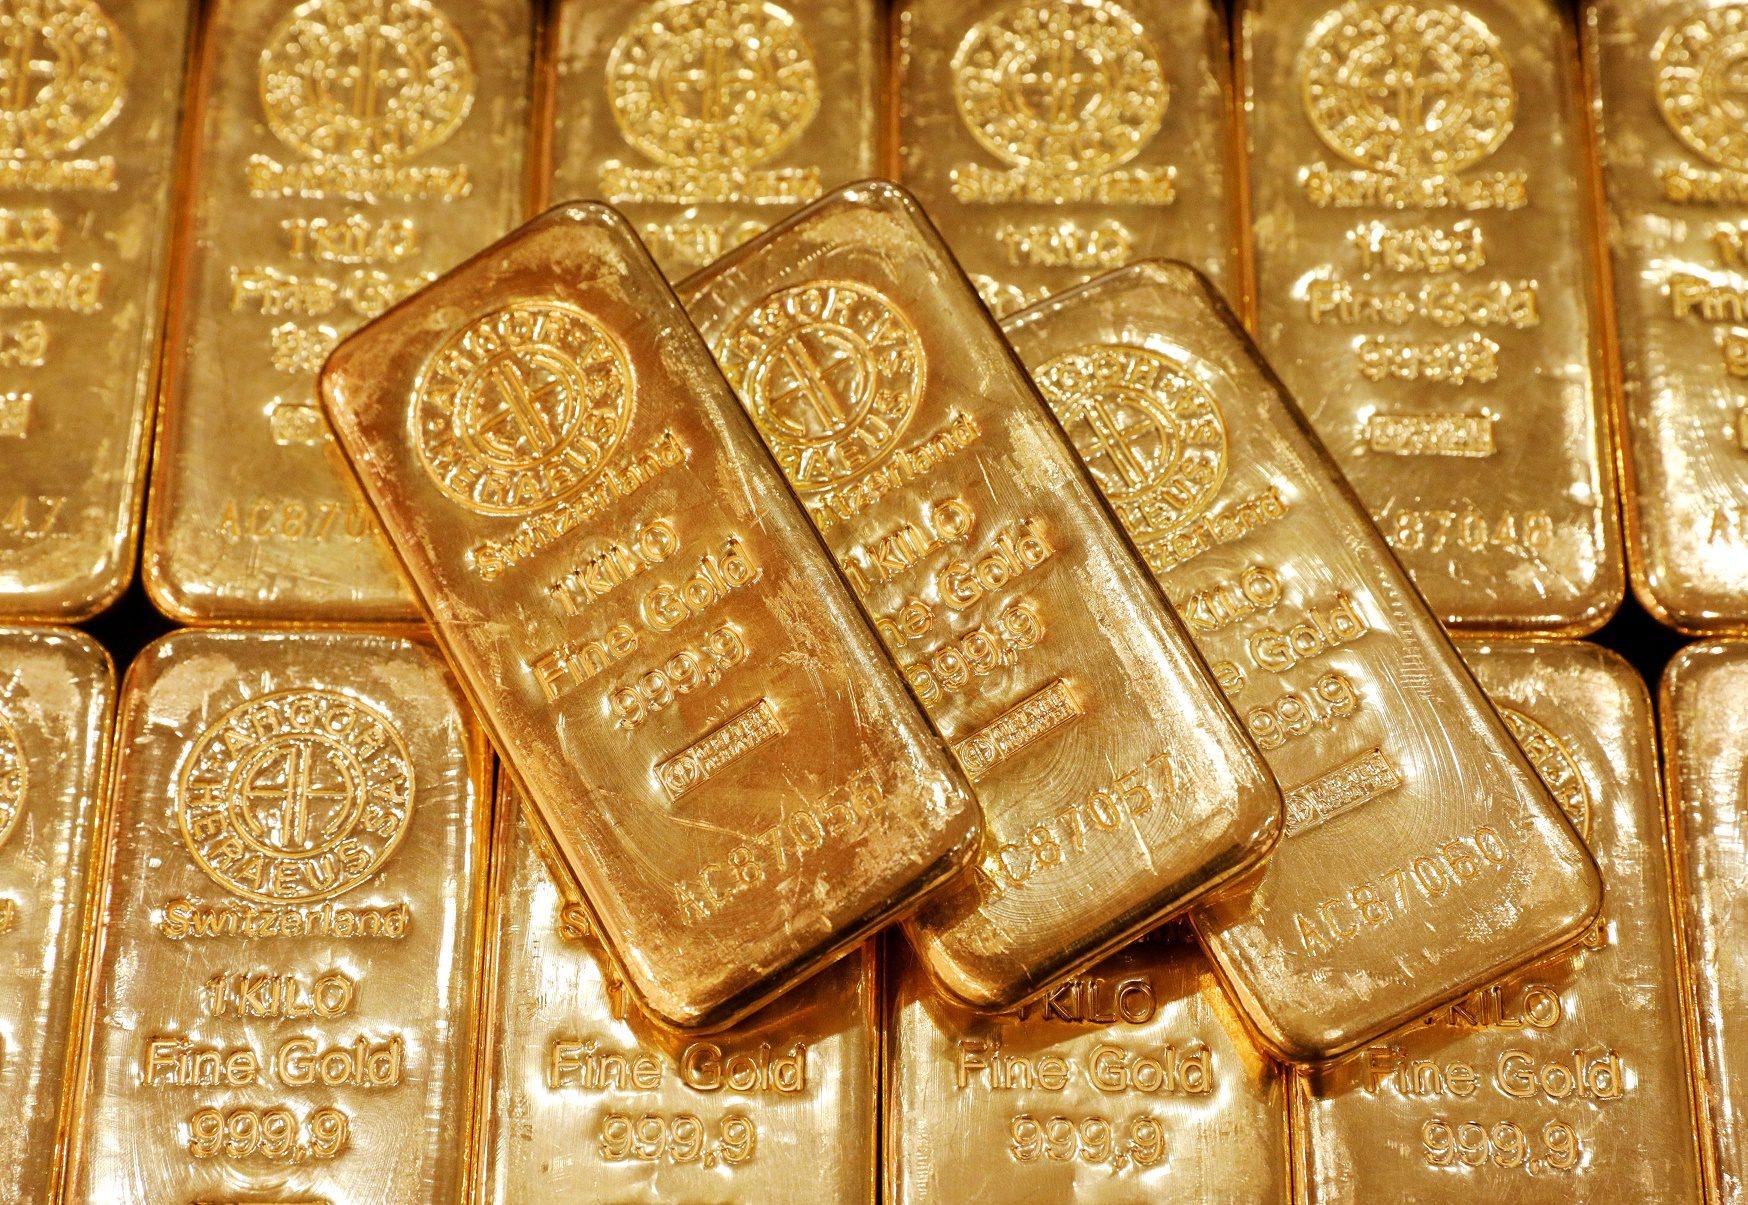 ราคาทอง ยังคงปรับขึ้นต่อเนื่อง ทรงตัวเกิน 2,000 ดอลลาร์ต่อออนซ์